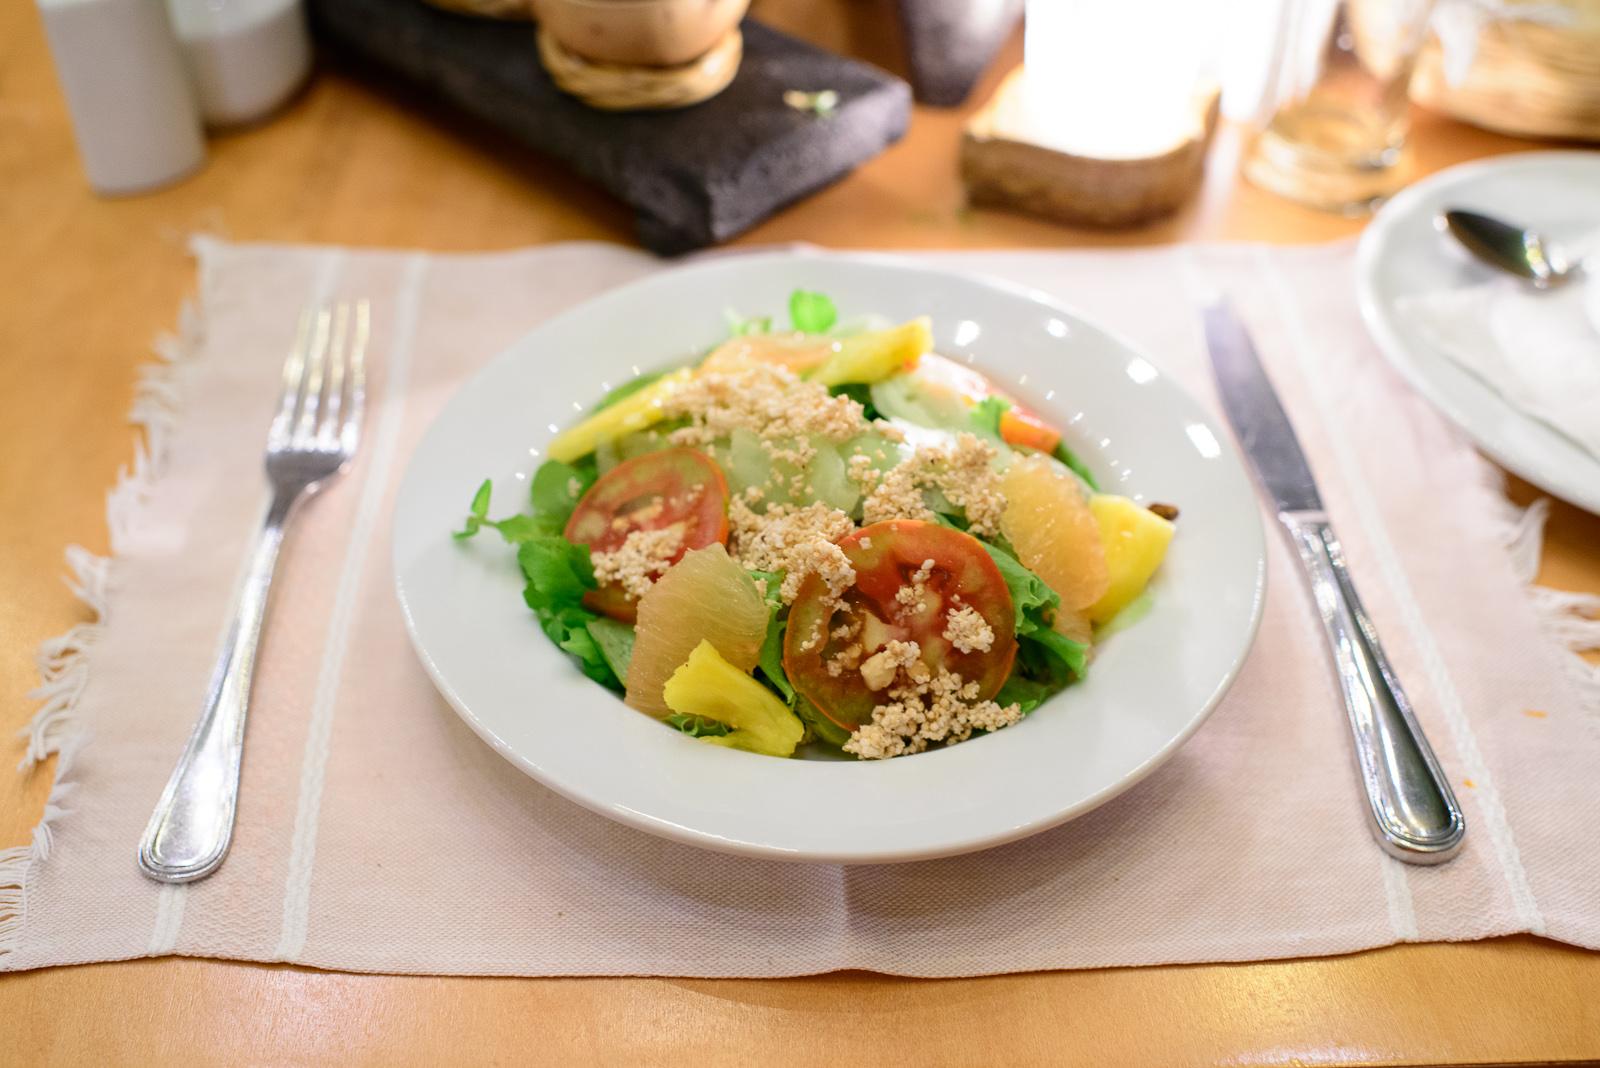 Ensalada de pepino, berros, piña, toronja, y jitomate con vinag